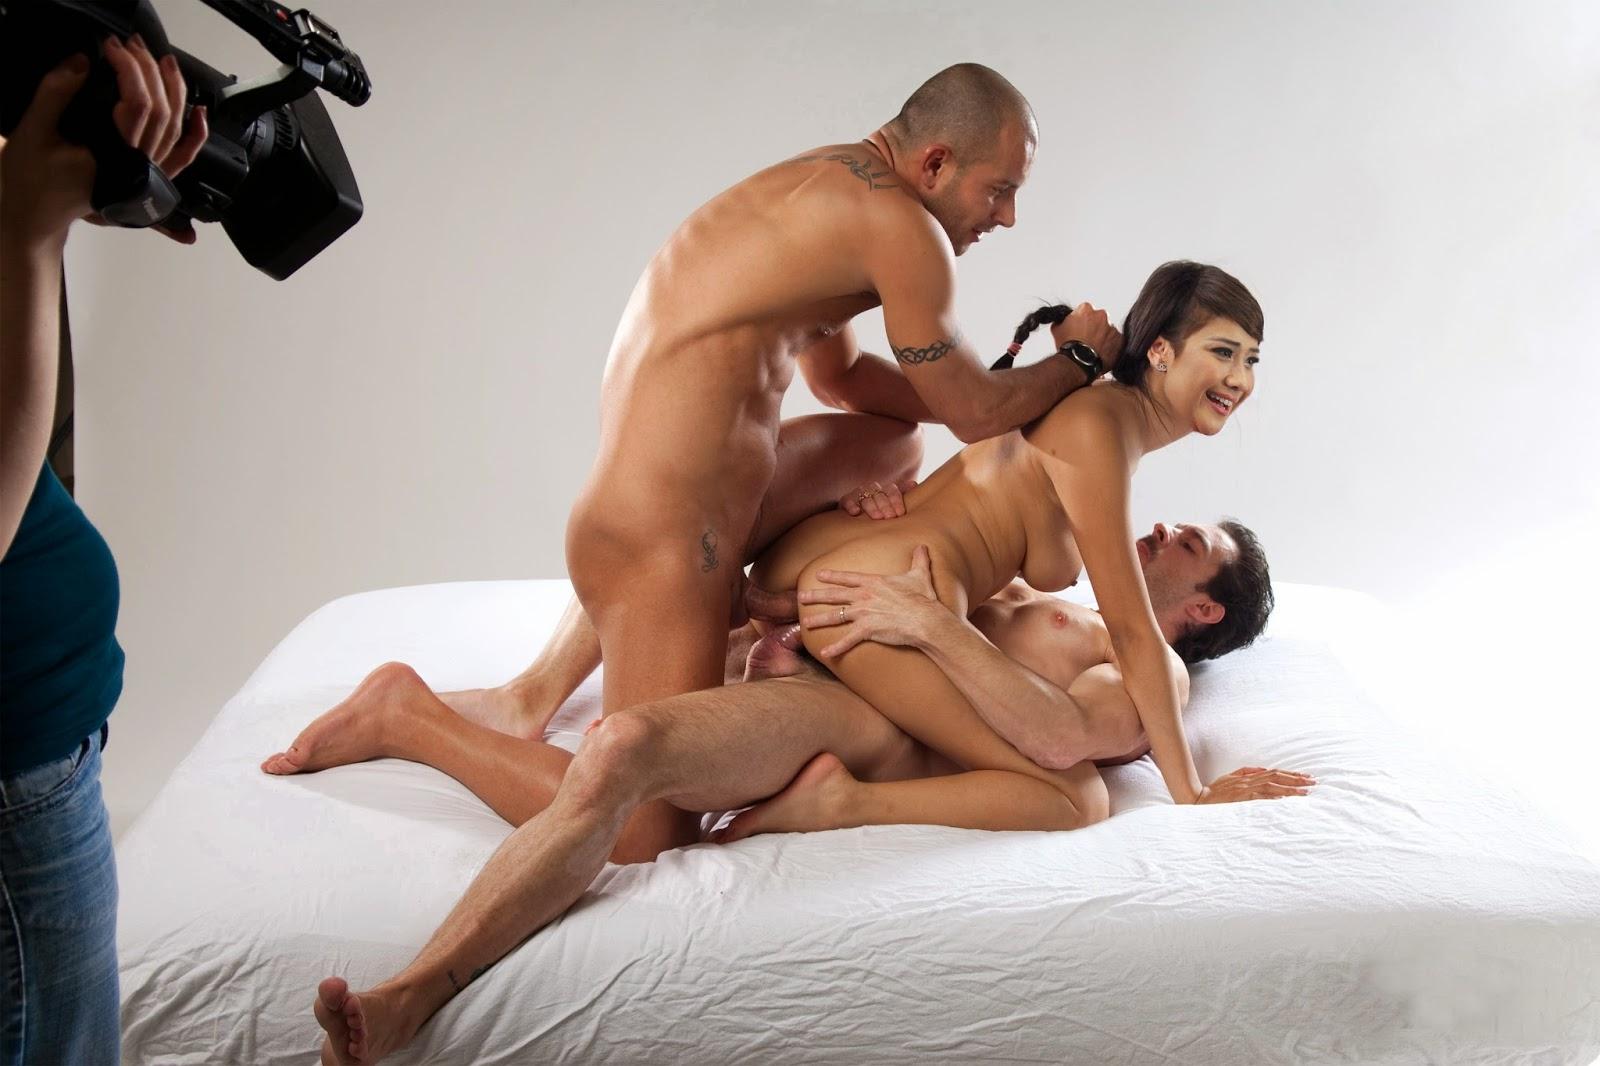 Фото порно секс секс втроем, Подборка любительских снимков домашнего секса втроём 2 фотография